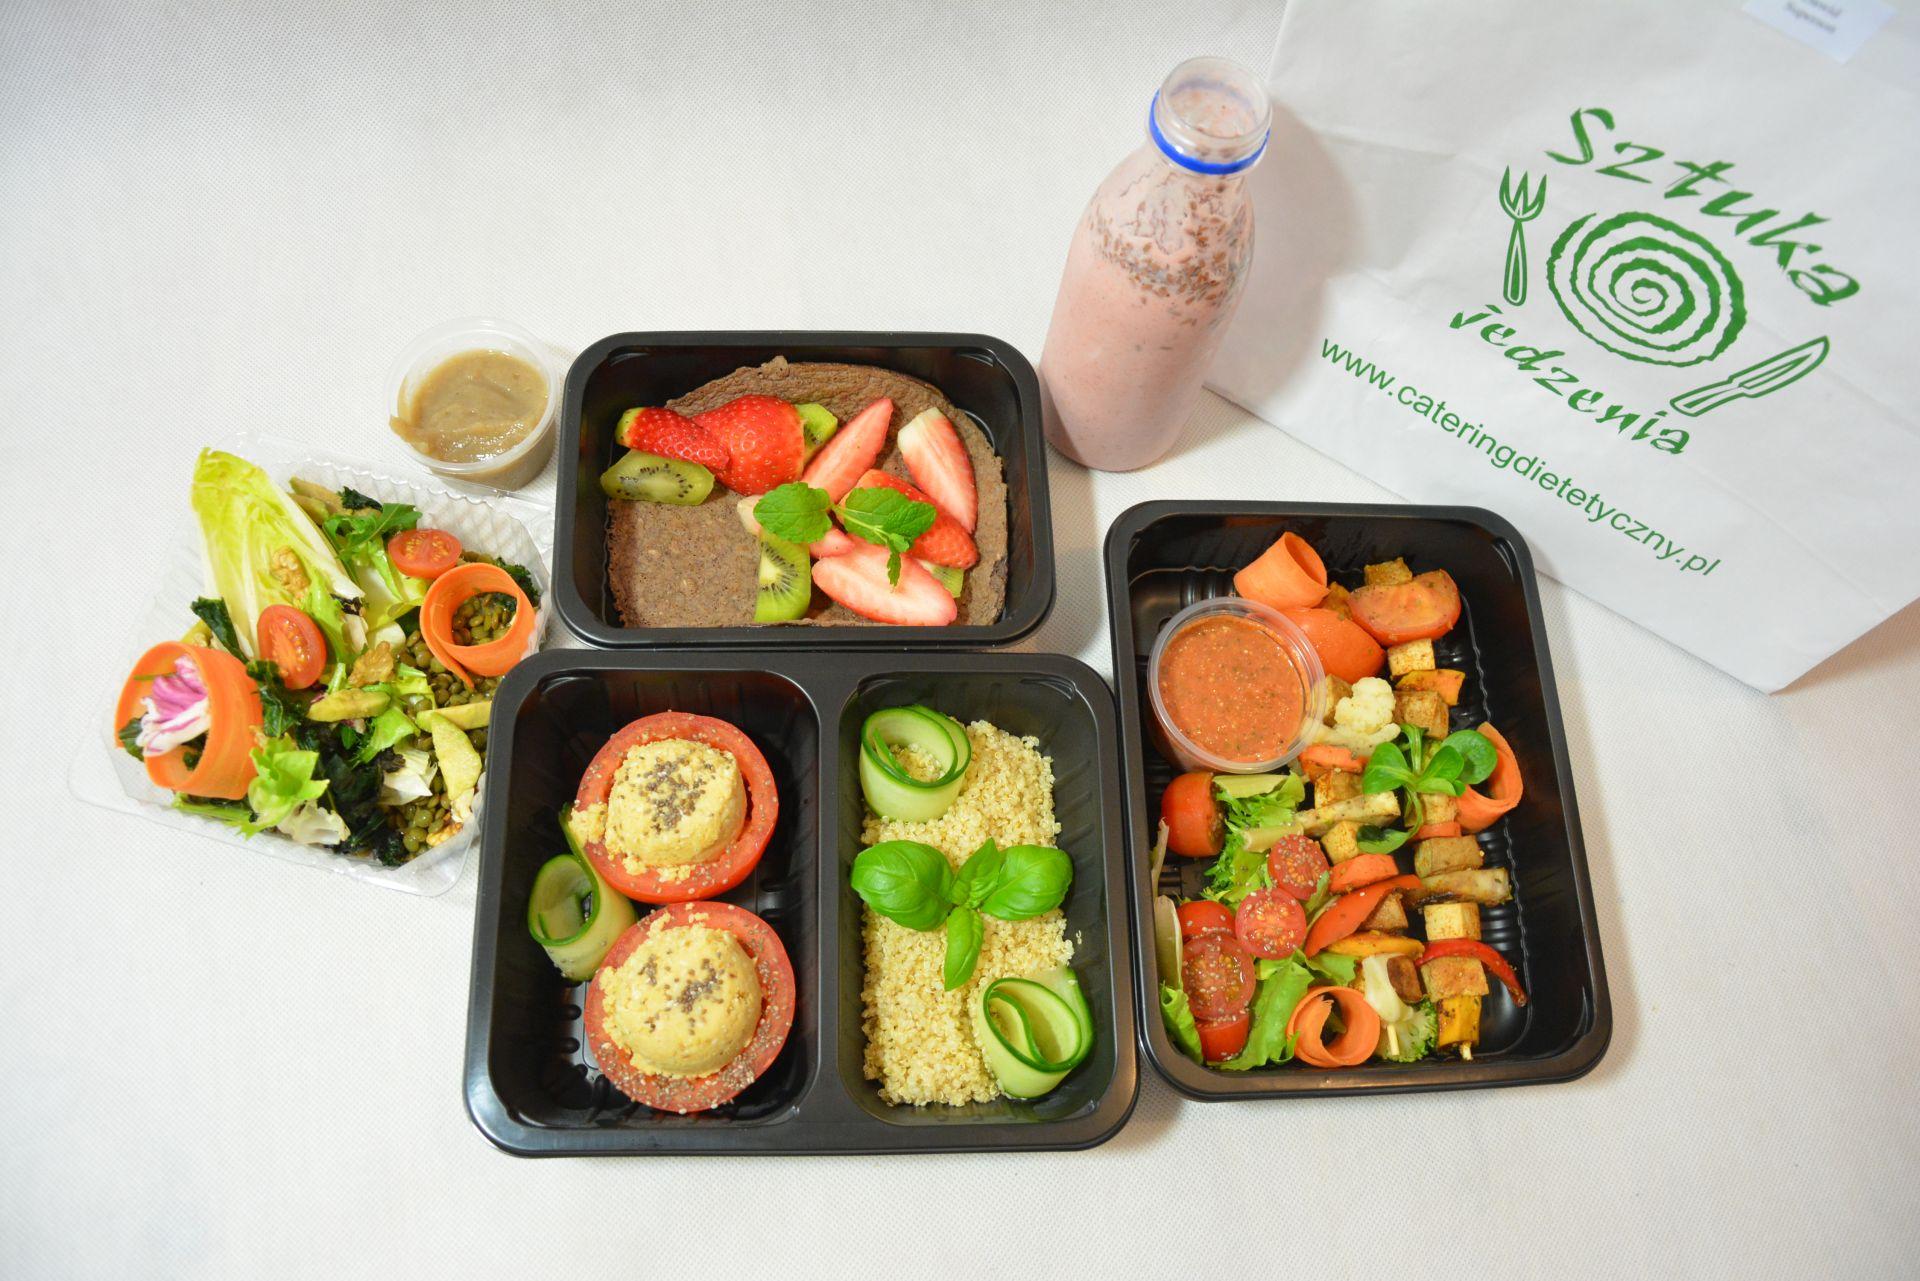 Dieta Wegetarianska Bez Miesa I Ryb Catering Dietetyczny